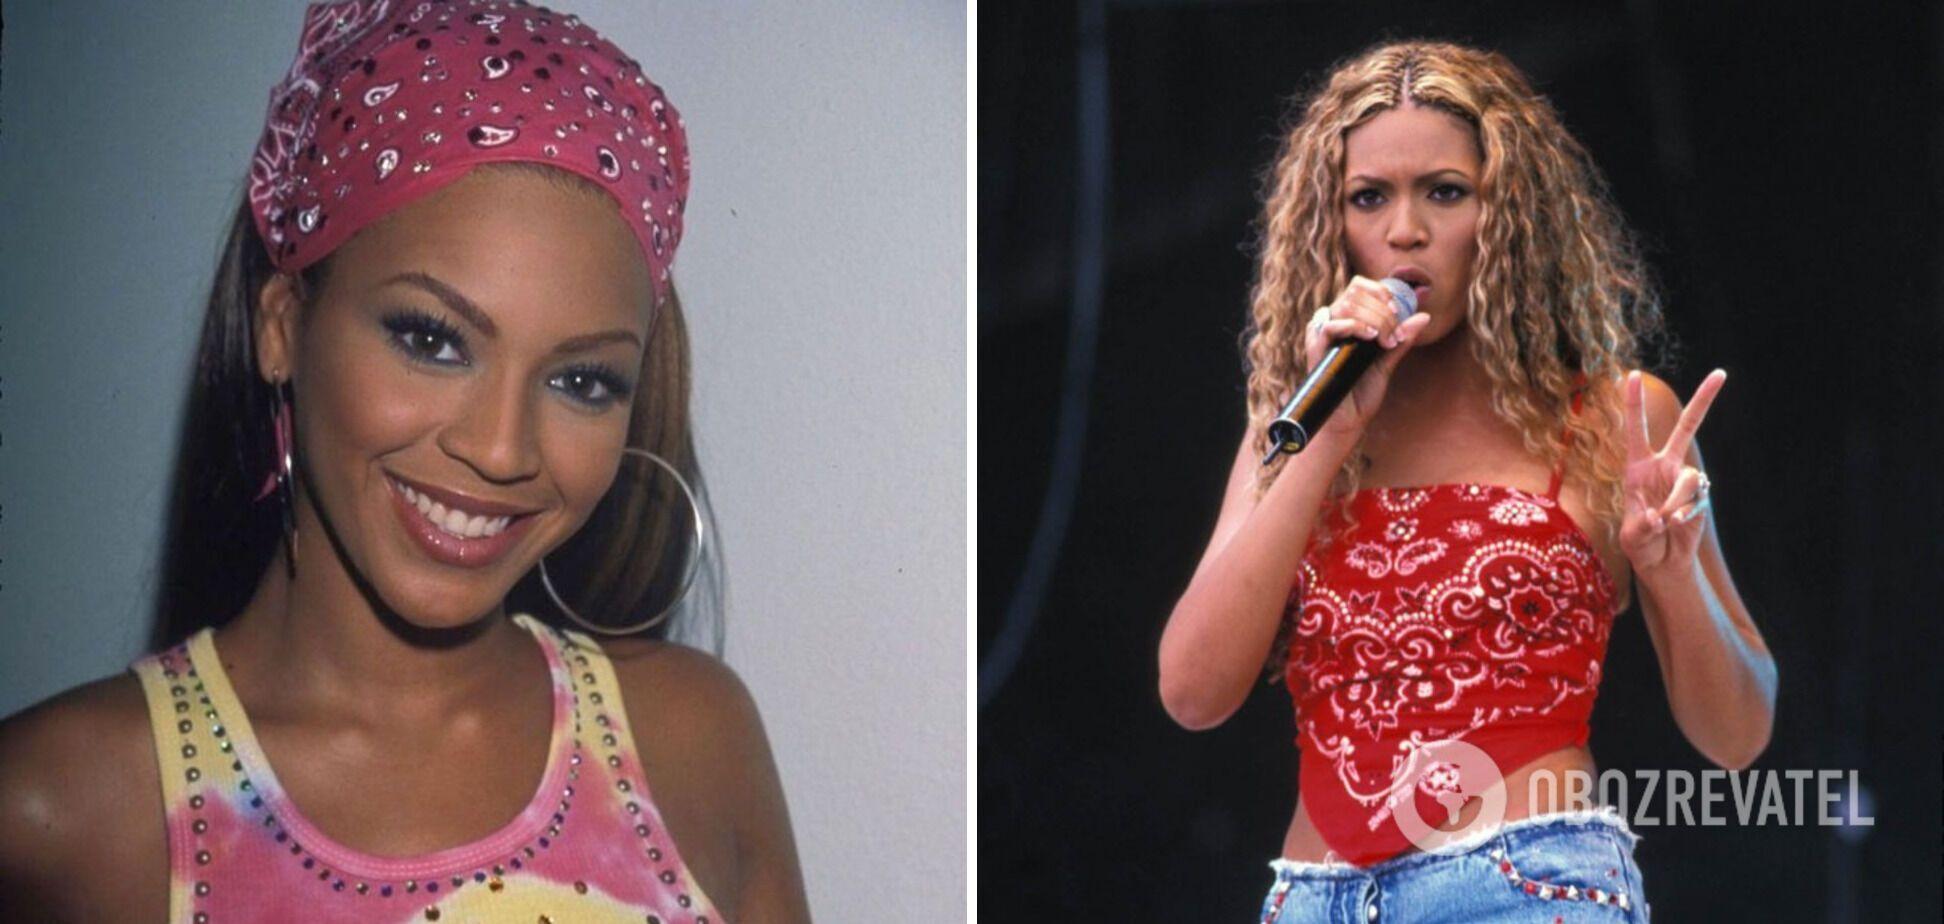 Співачка Бейонсе в 90-х тільки починала кар'єру